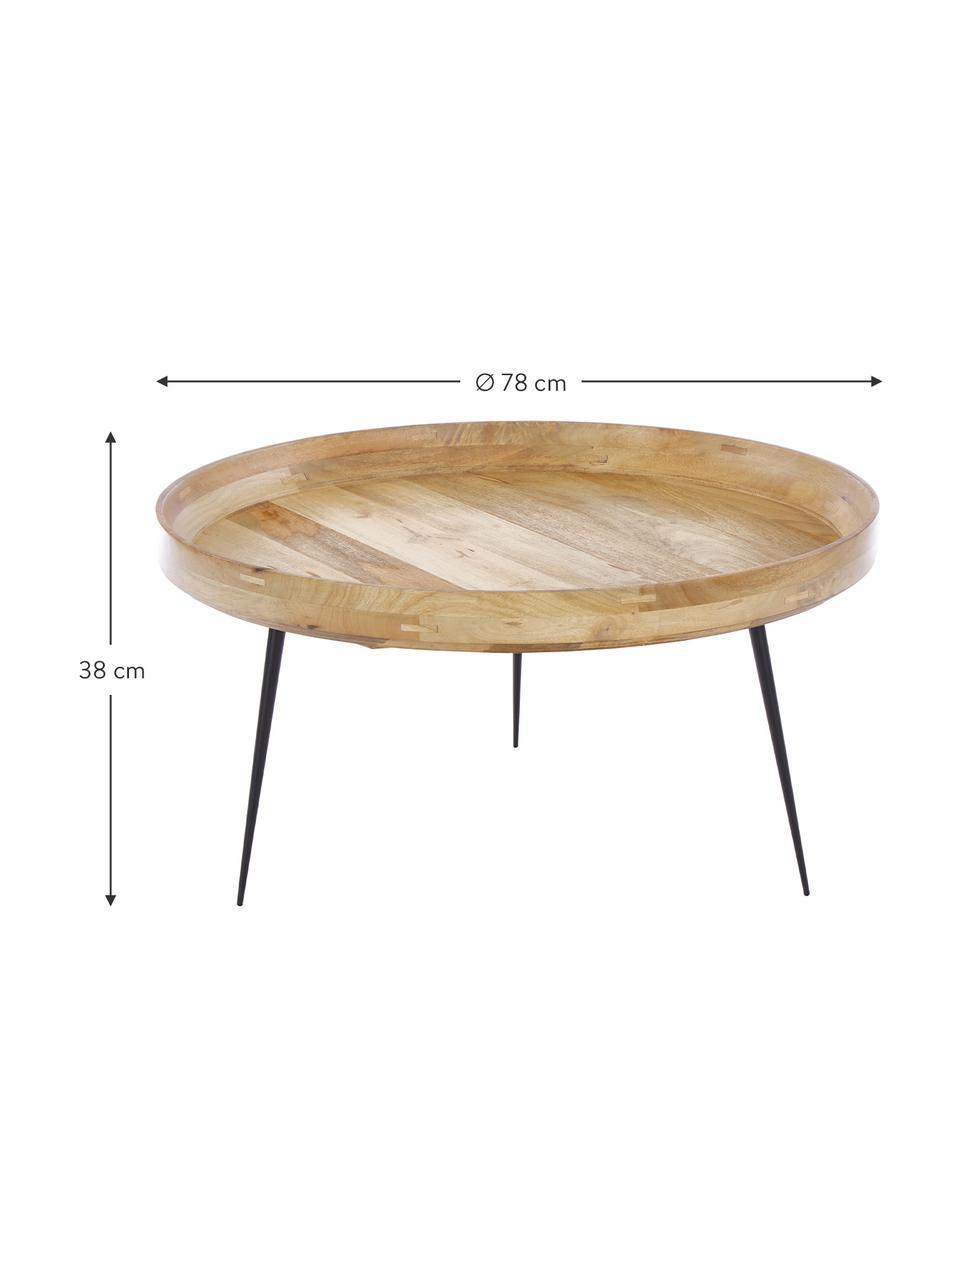 Design-Couchtisch Bowl Table aus Mangoholz, Tischplatte: Mangoholz, gebeizt, Beine: Stahl, pulverbeschichtet, Braun, Ø 75 x H 38 cm